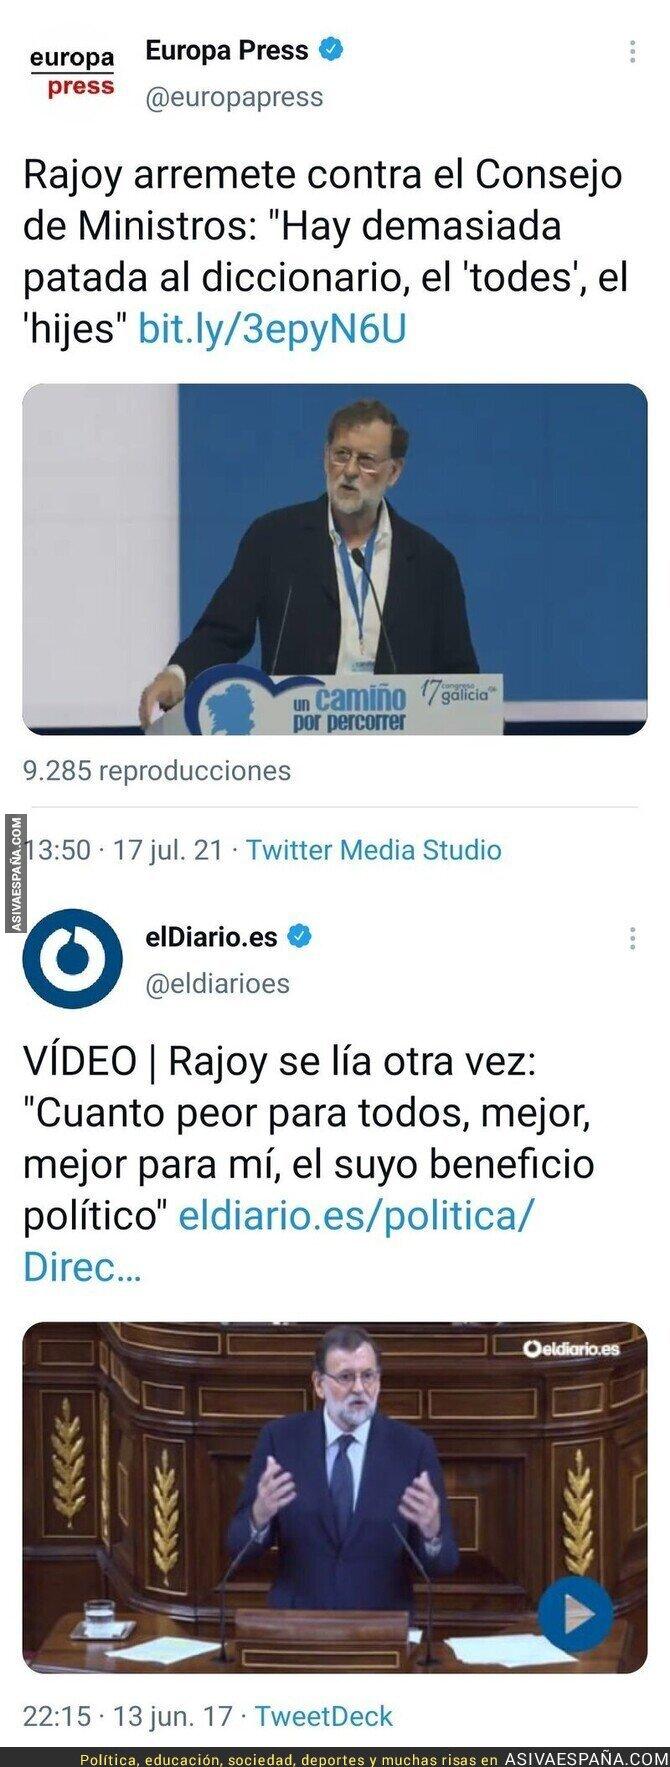 845491 - Rajoy se convierte en el hazmerreír de todos por quejarse sobre los políticos de ahora